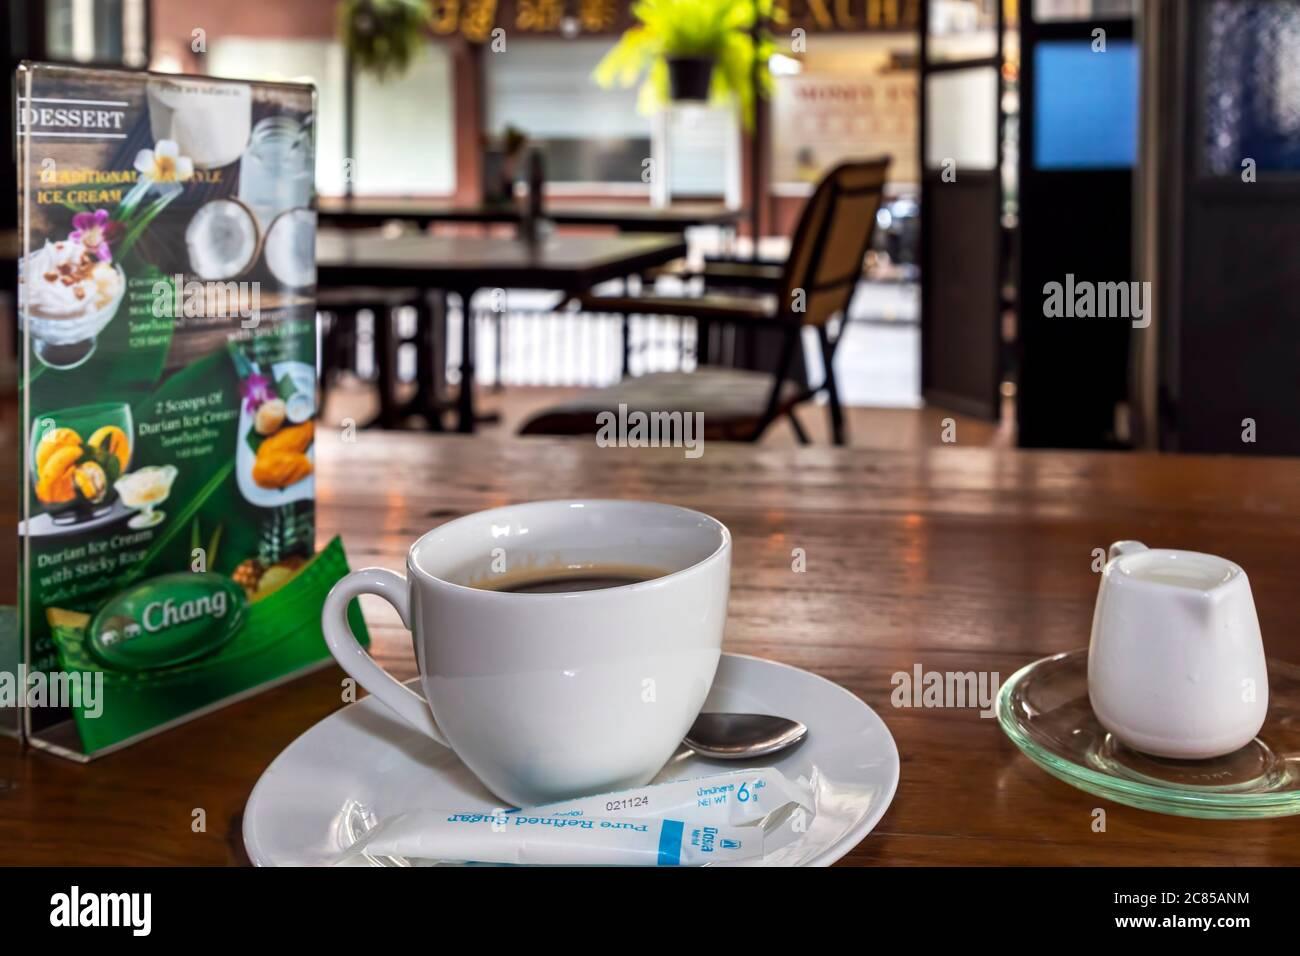 Taza de café y menú en restaurante tailandés durante la pandemia de covid 19, Bangkok, Tailandia Foto de stock